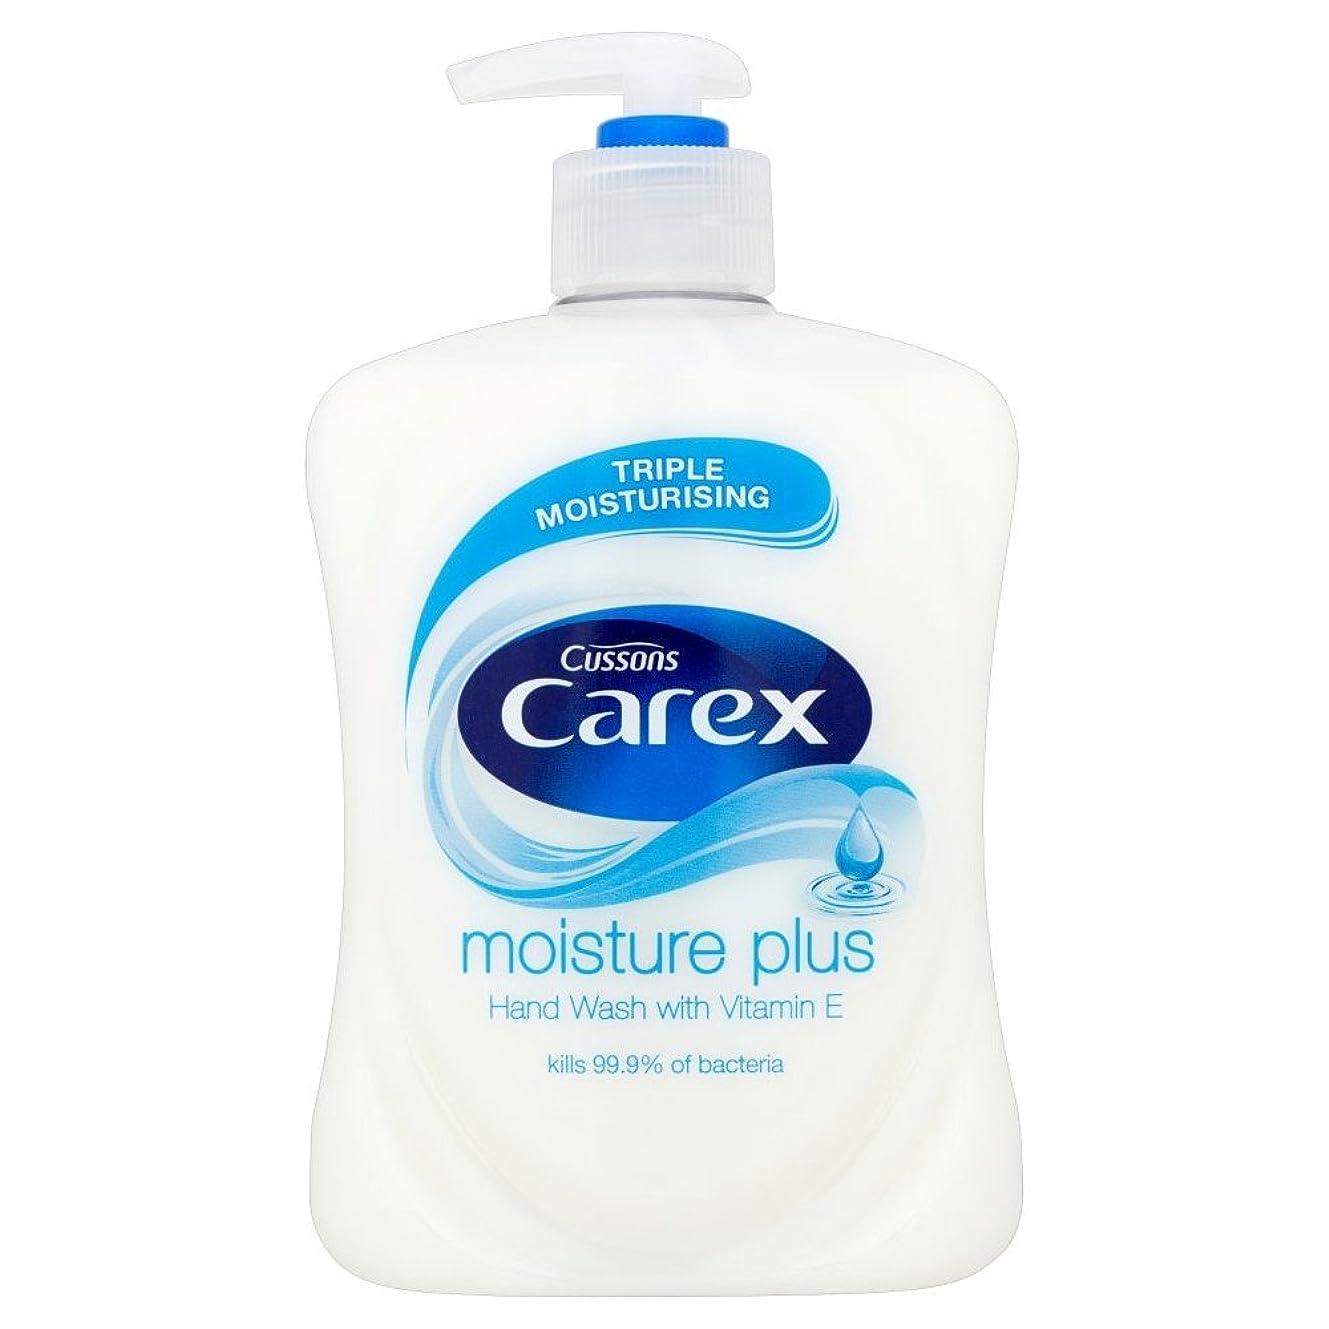 溶融直面するテレックスCarex Moisture Plus Hand Wash with Vitamin E (500ml) ビタミンeとスゲ水分を加えたハンドウォッシュ( 500ミリリットル) [並行輸入品]